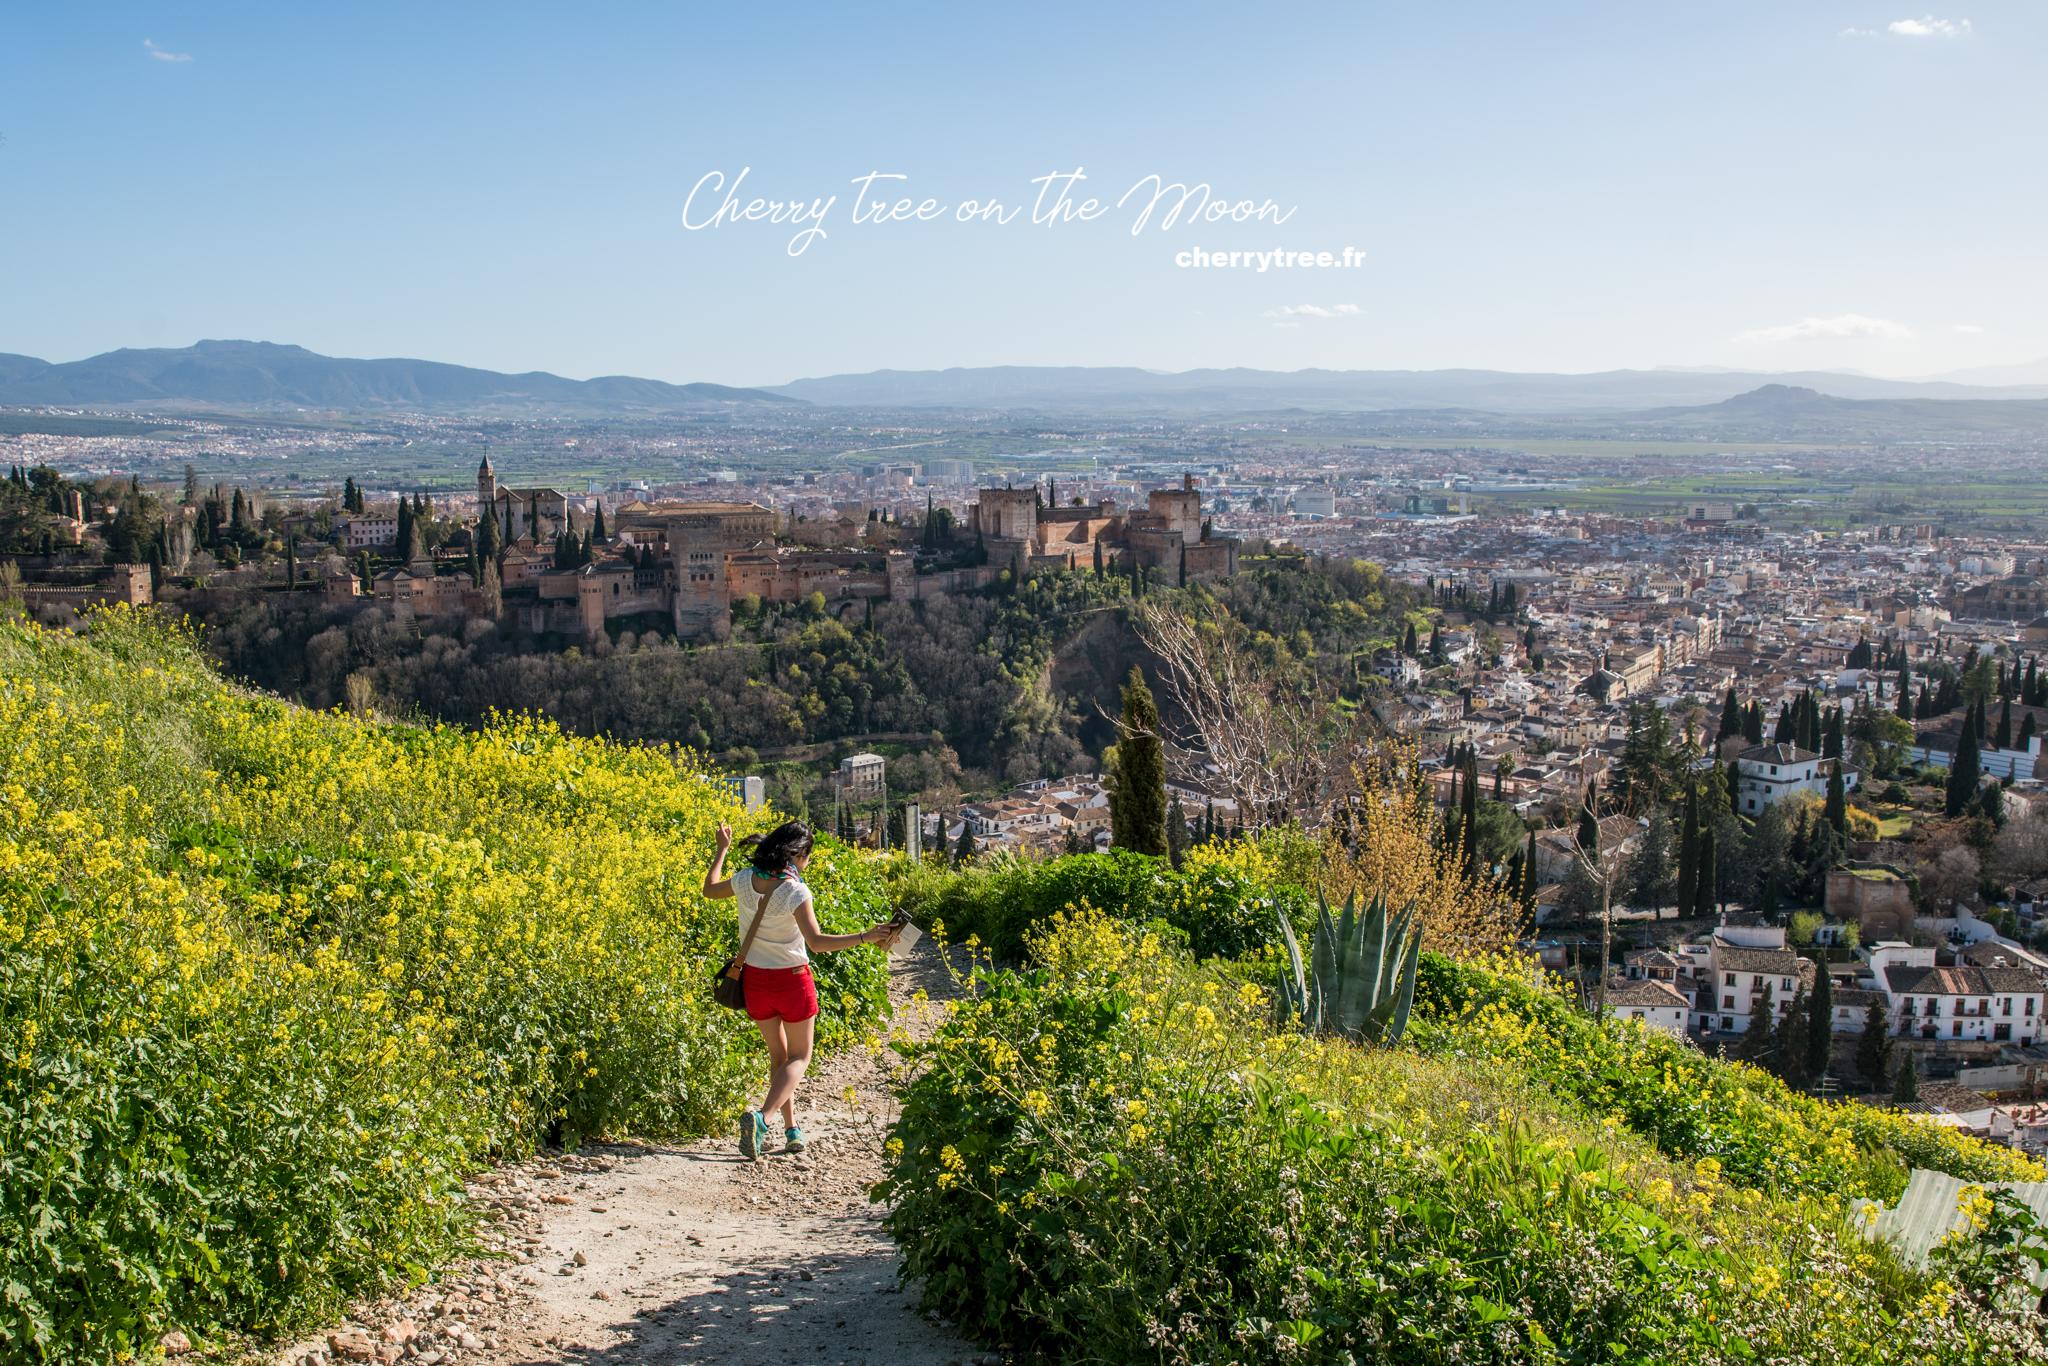 Andalusia mùa này vàng hoa cải, ngay cả những khóm hoa mọc dại trên sườn đồi